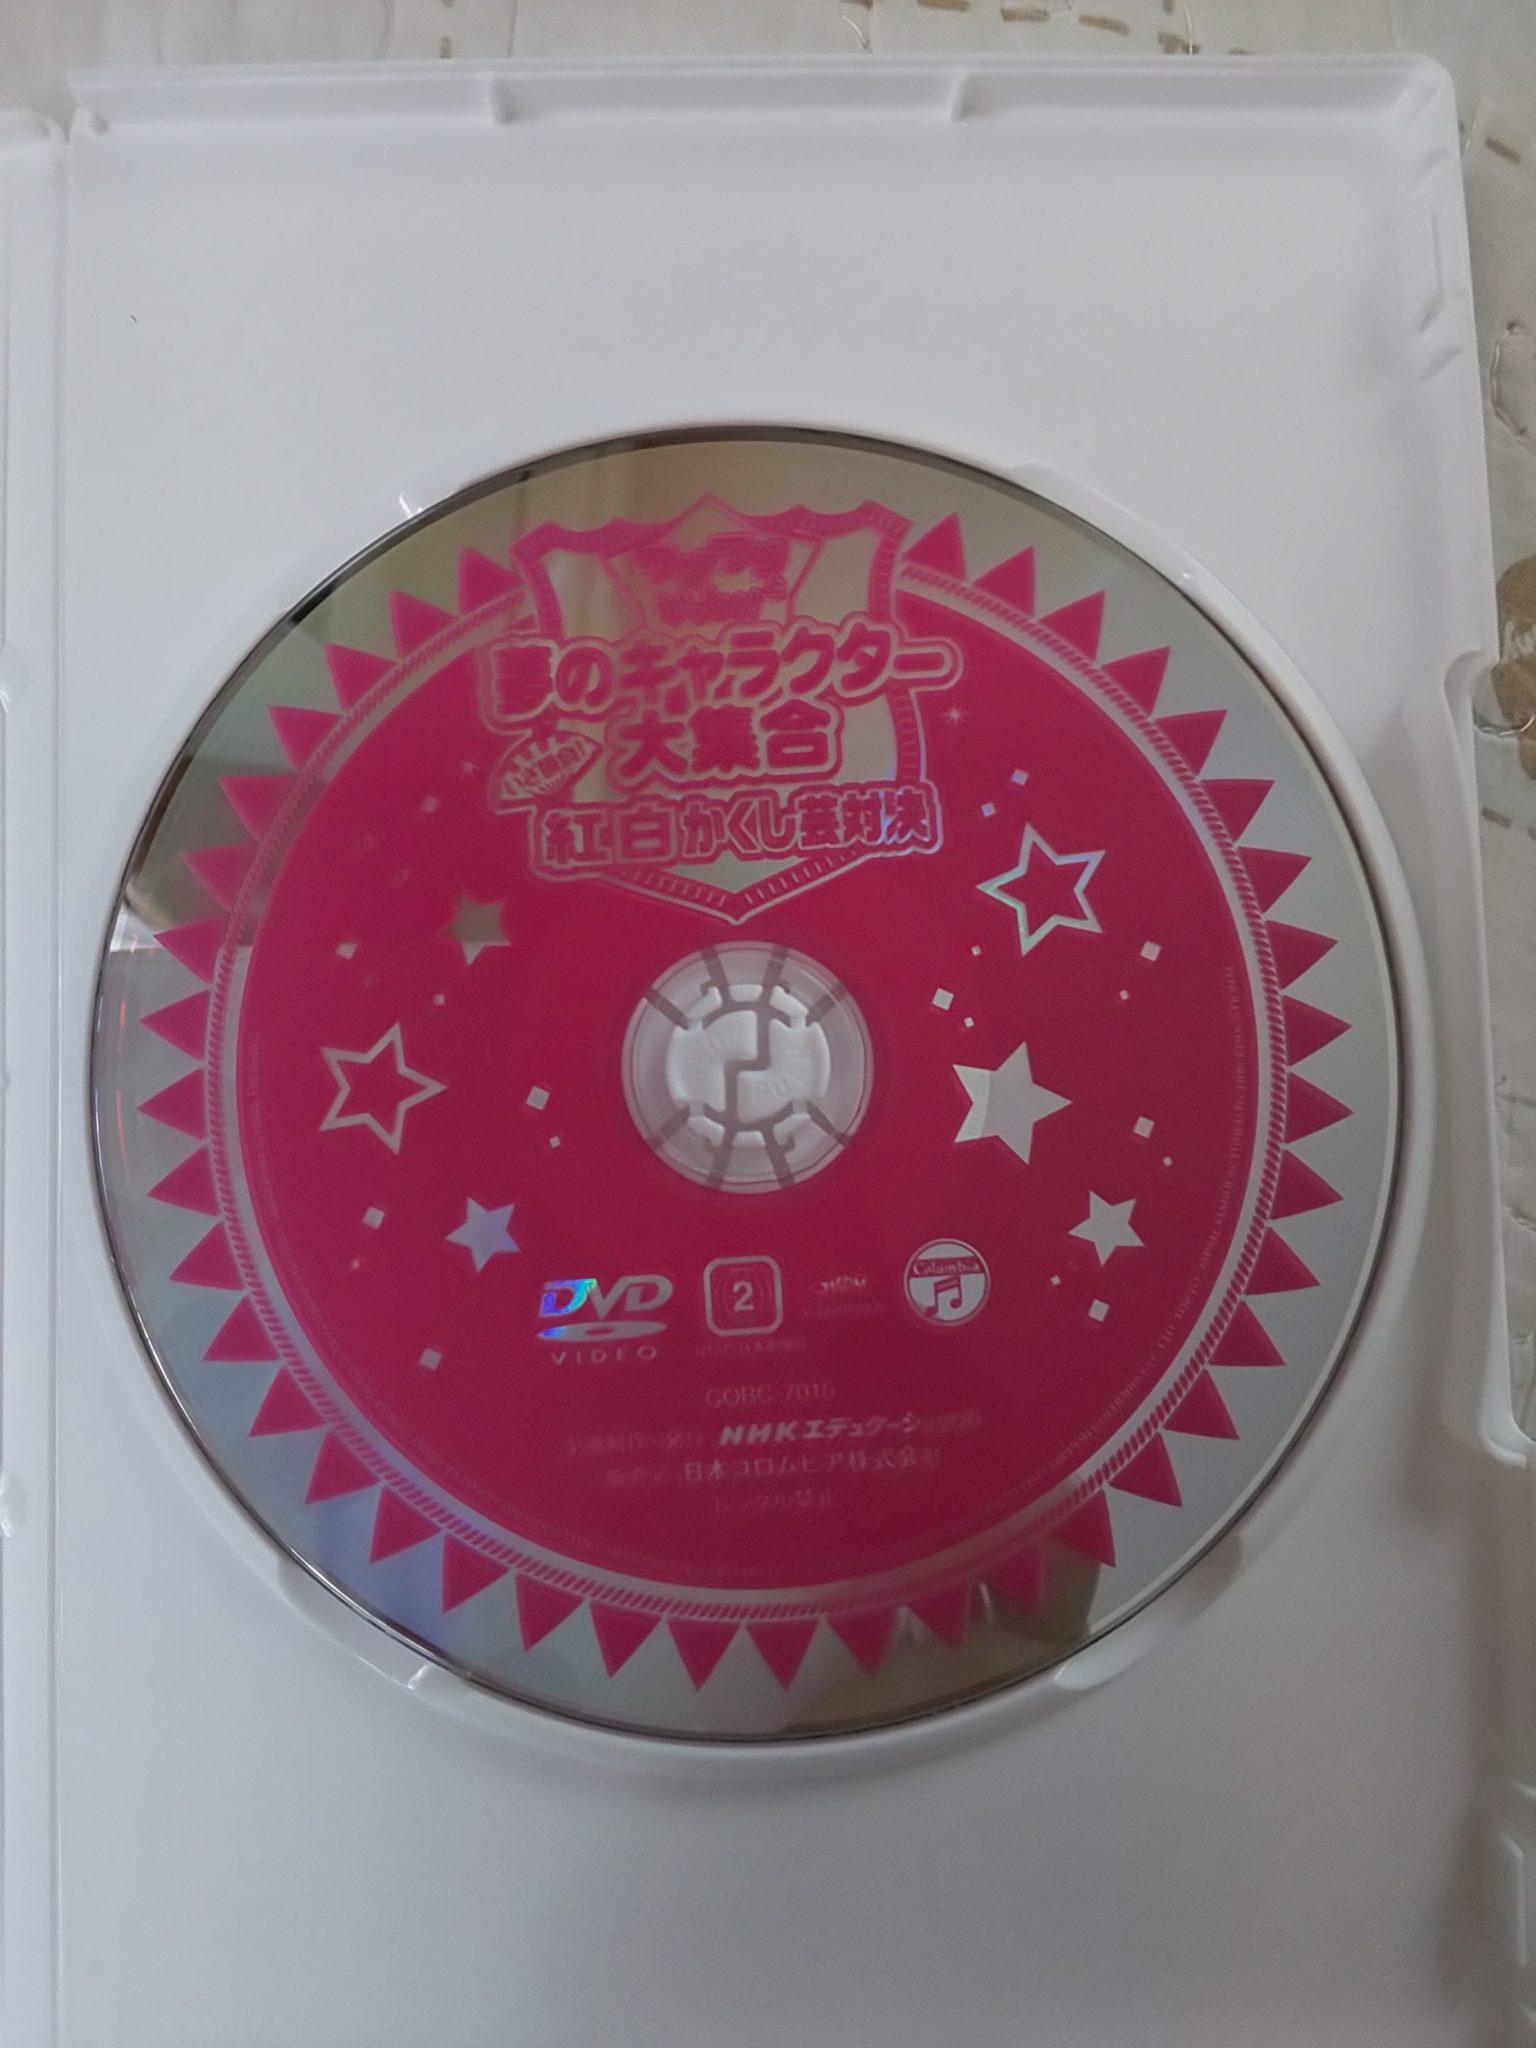 DVD「ワンワンといっしょ!夢のキャラクター大集合 〜いざ勝負!紅白かくし芸対決」